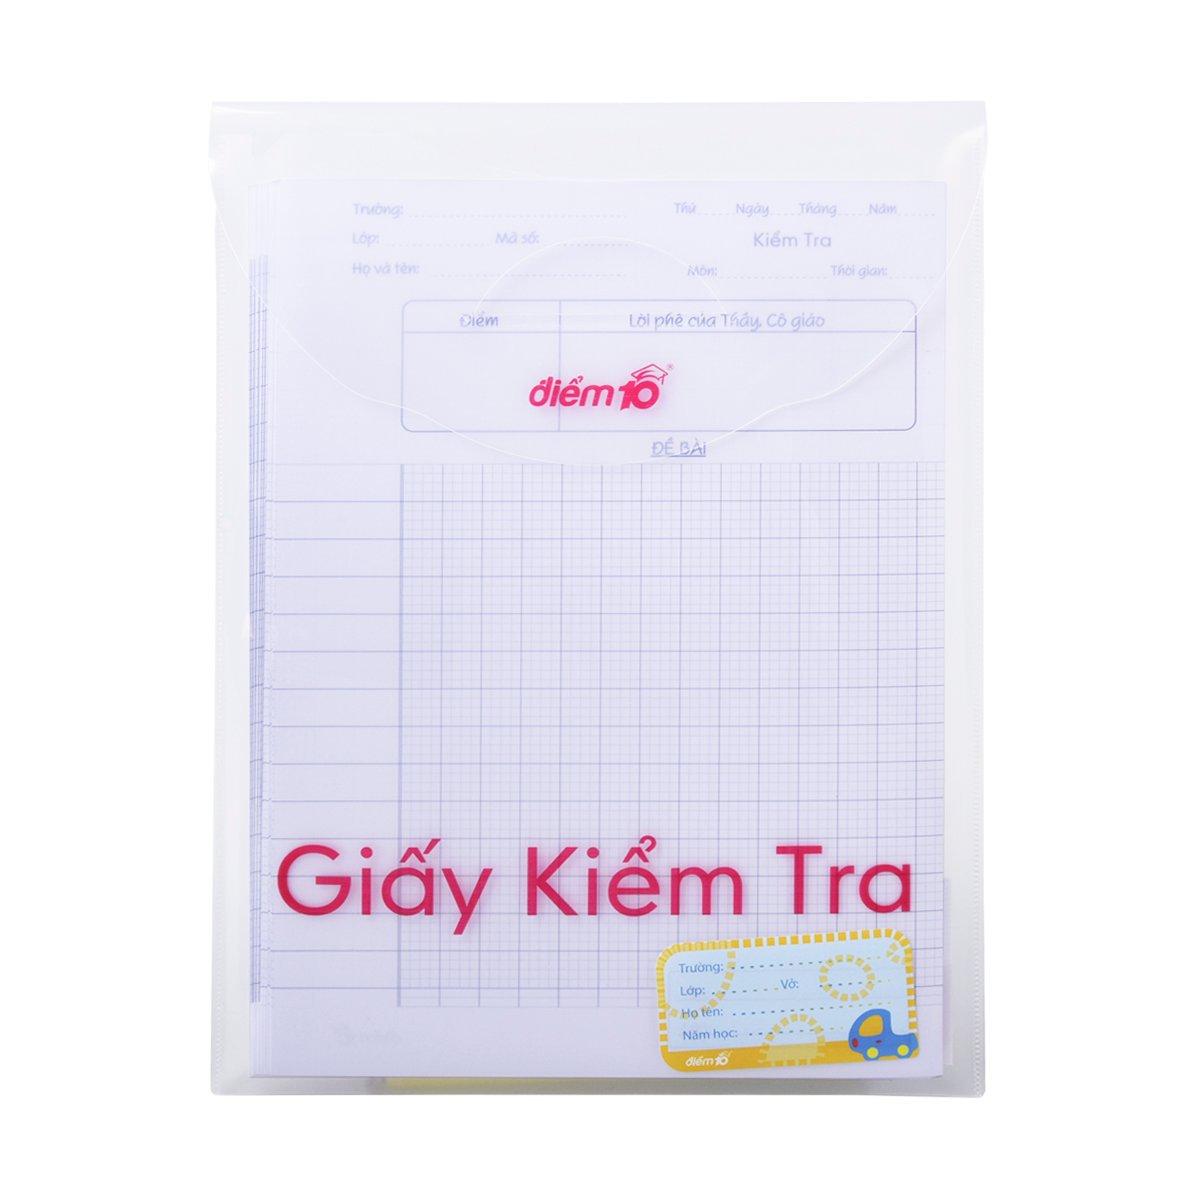 Giấy kiểm tra TP-GKT02 4 ôly vuông